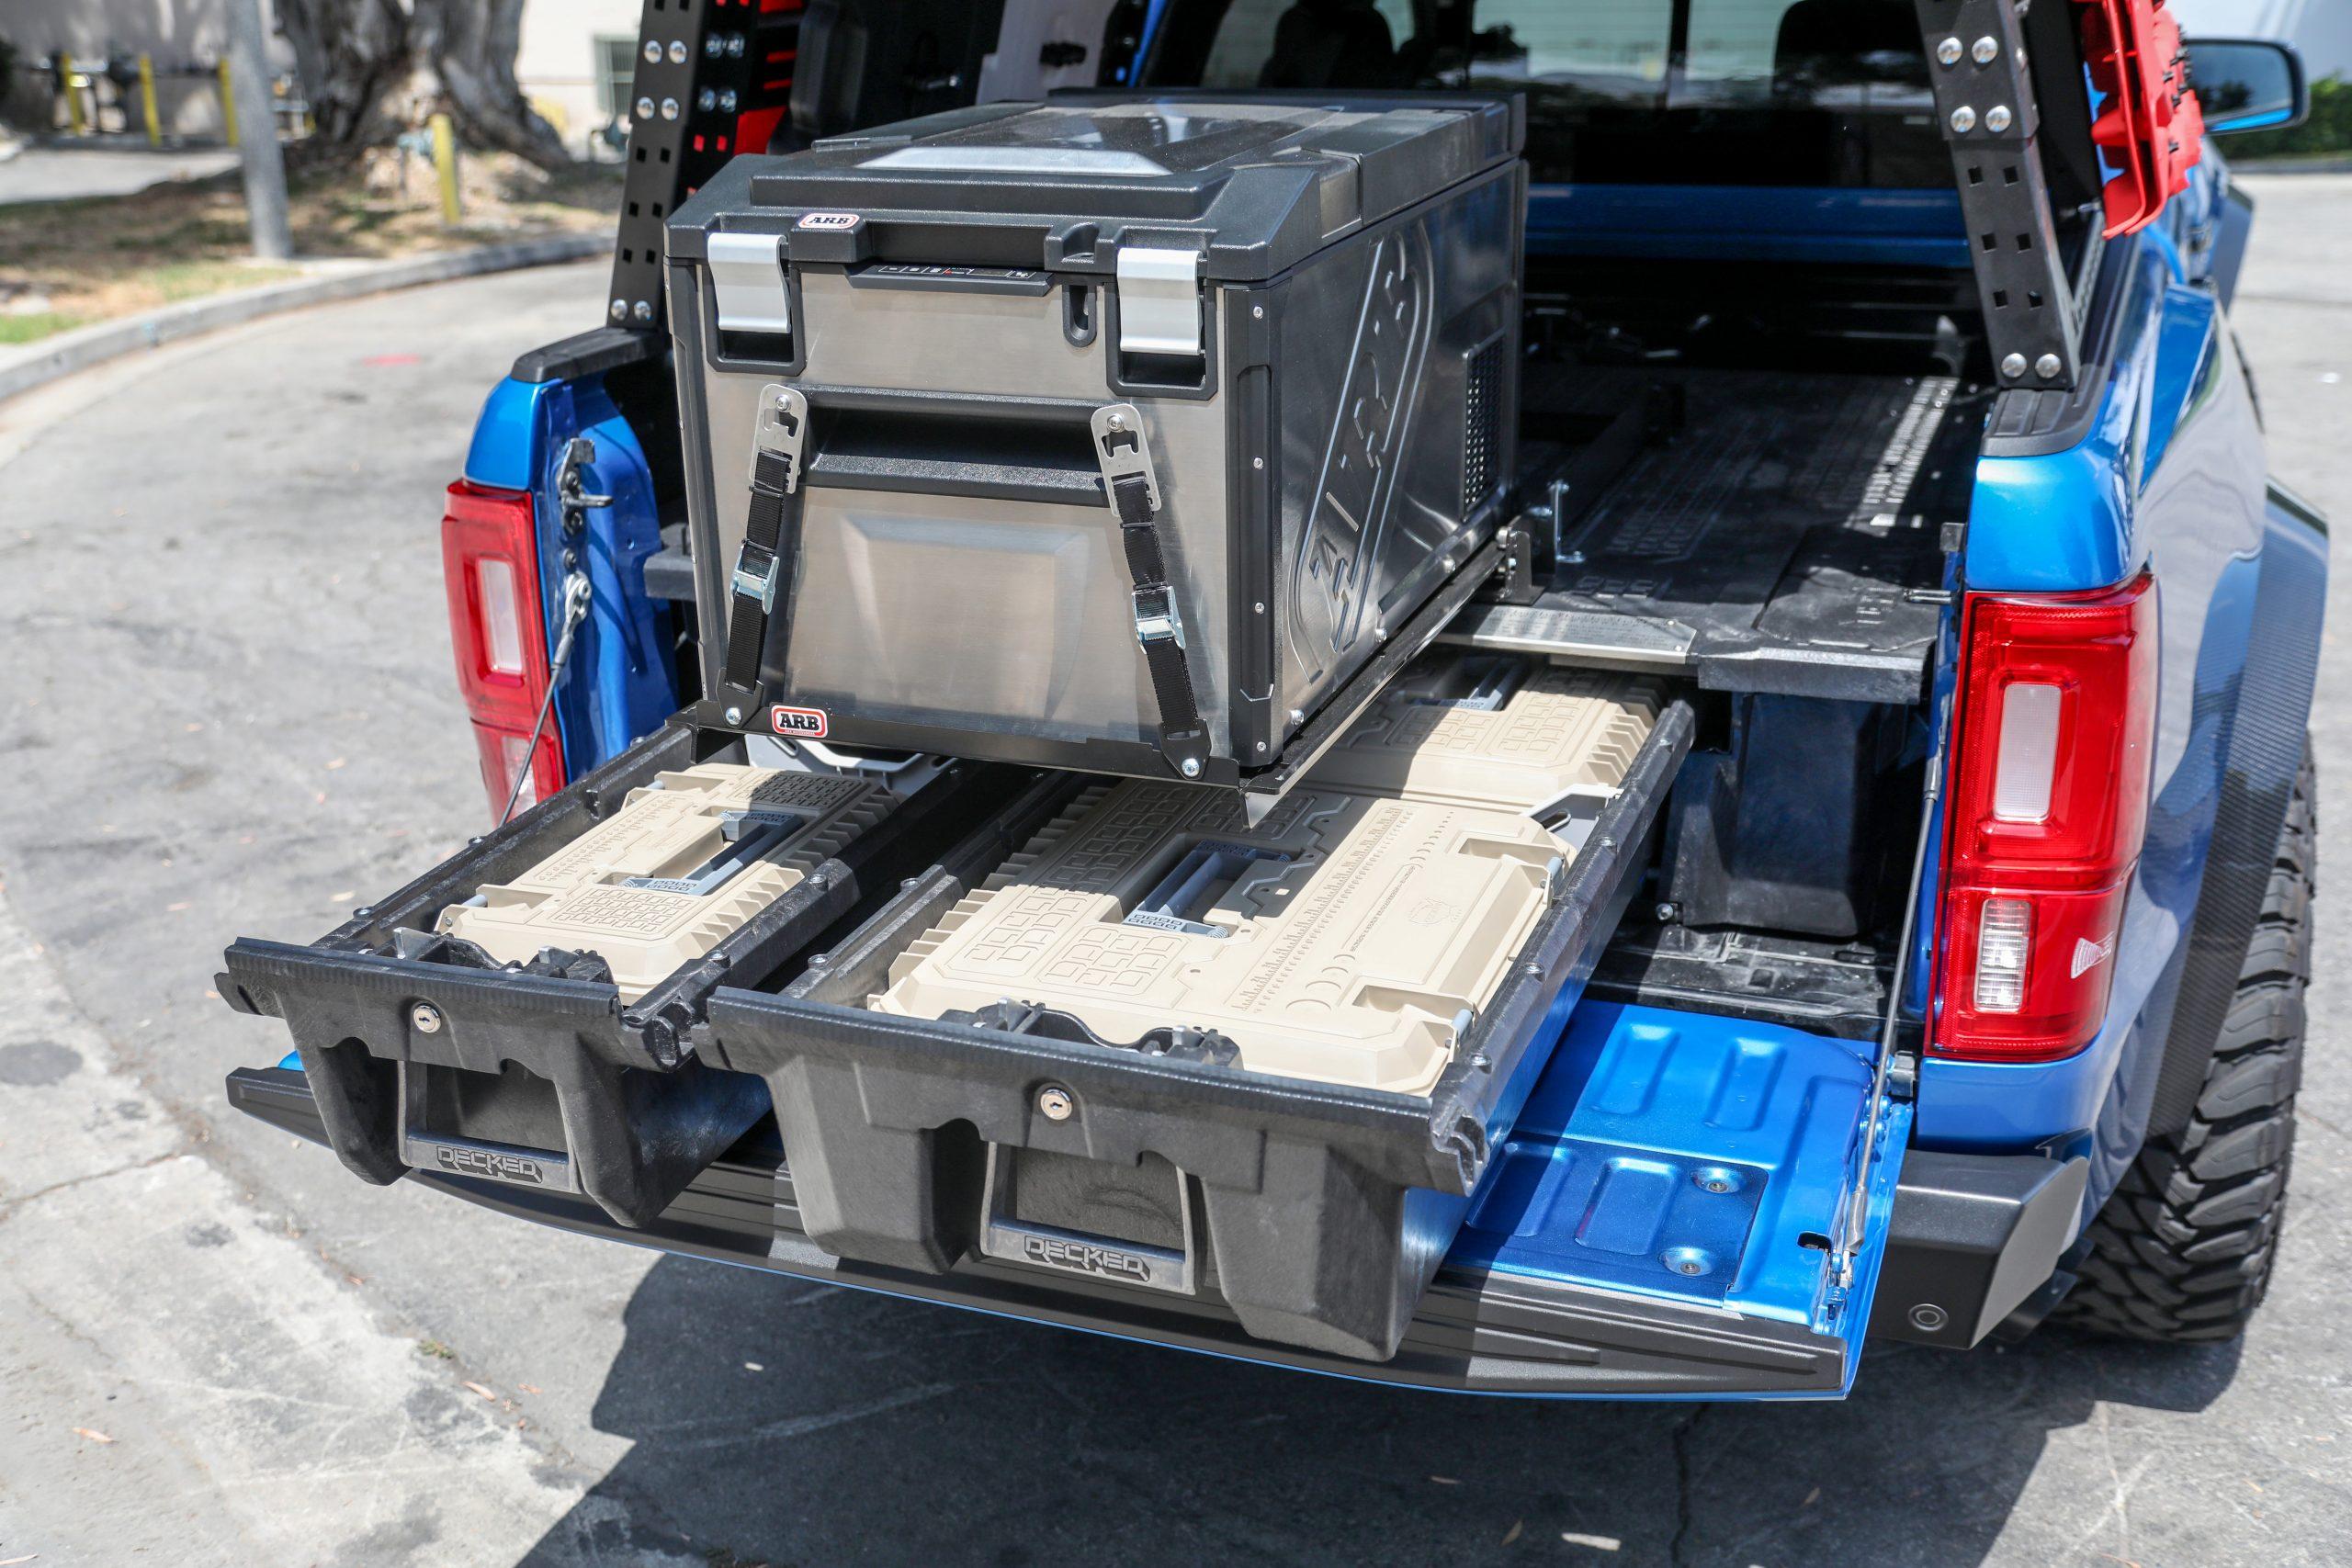 APG Ford Ranger Prorunner overlanding ARB cooler bed storage